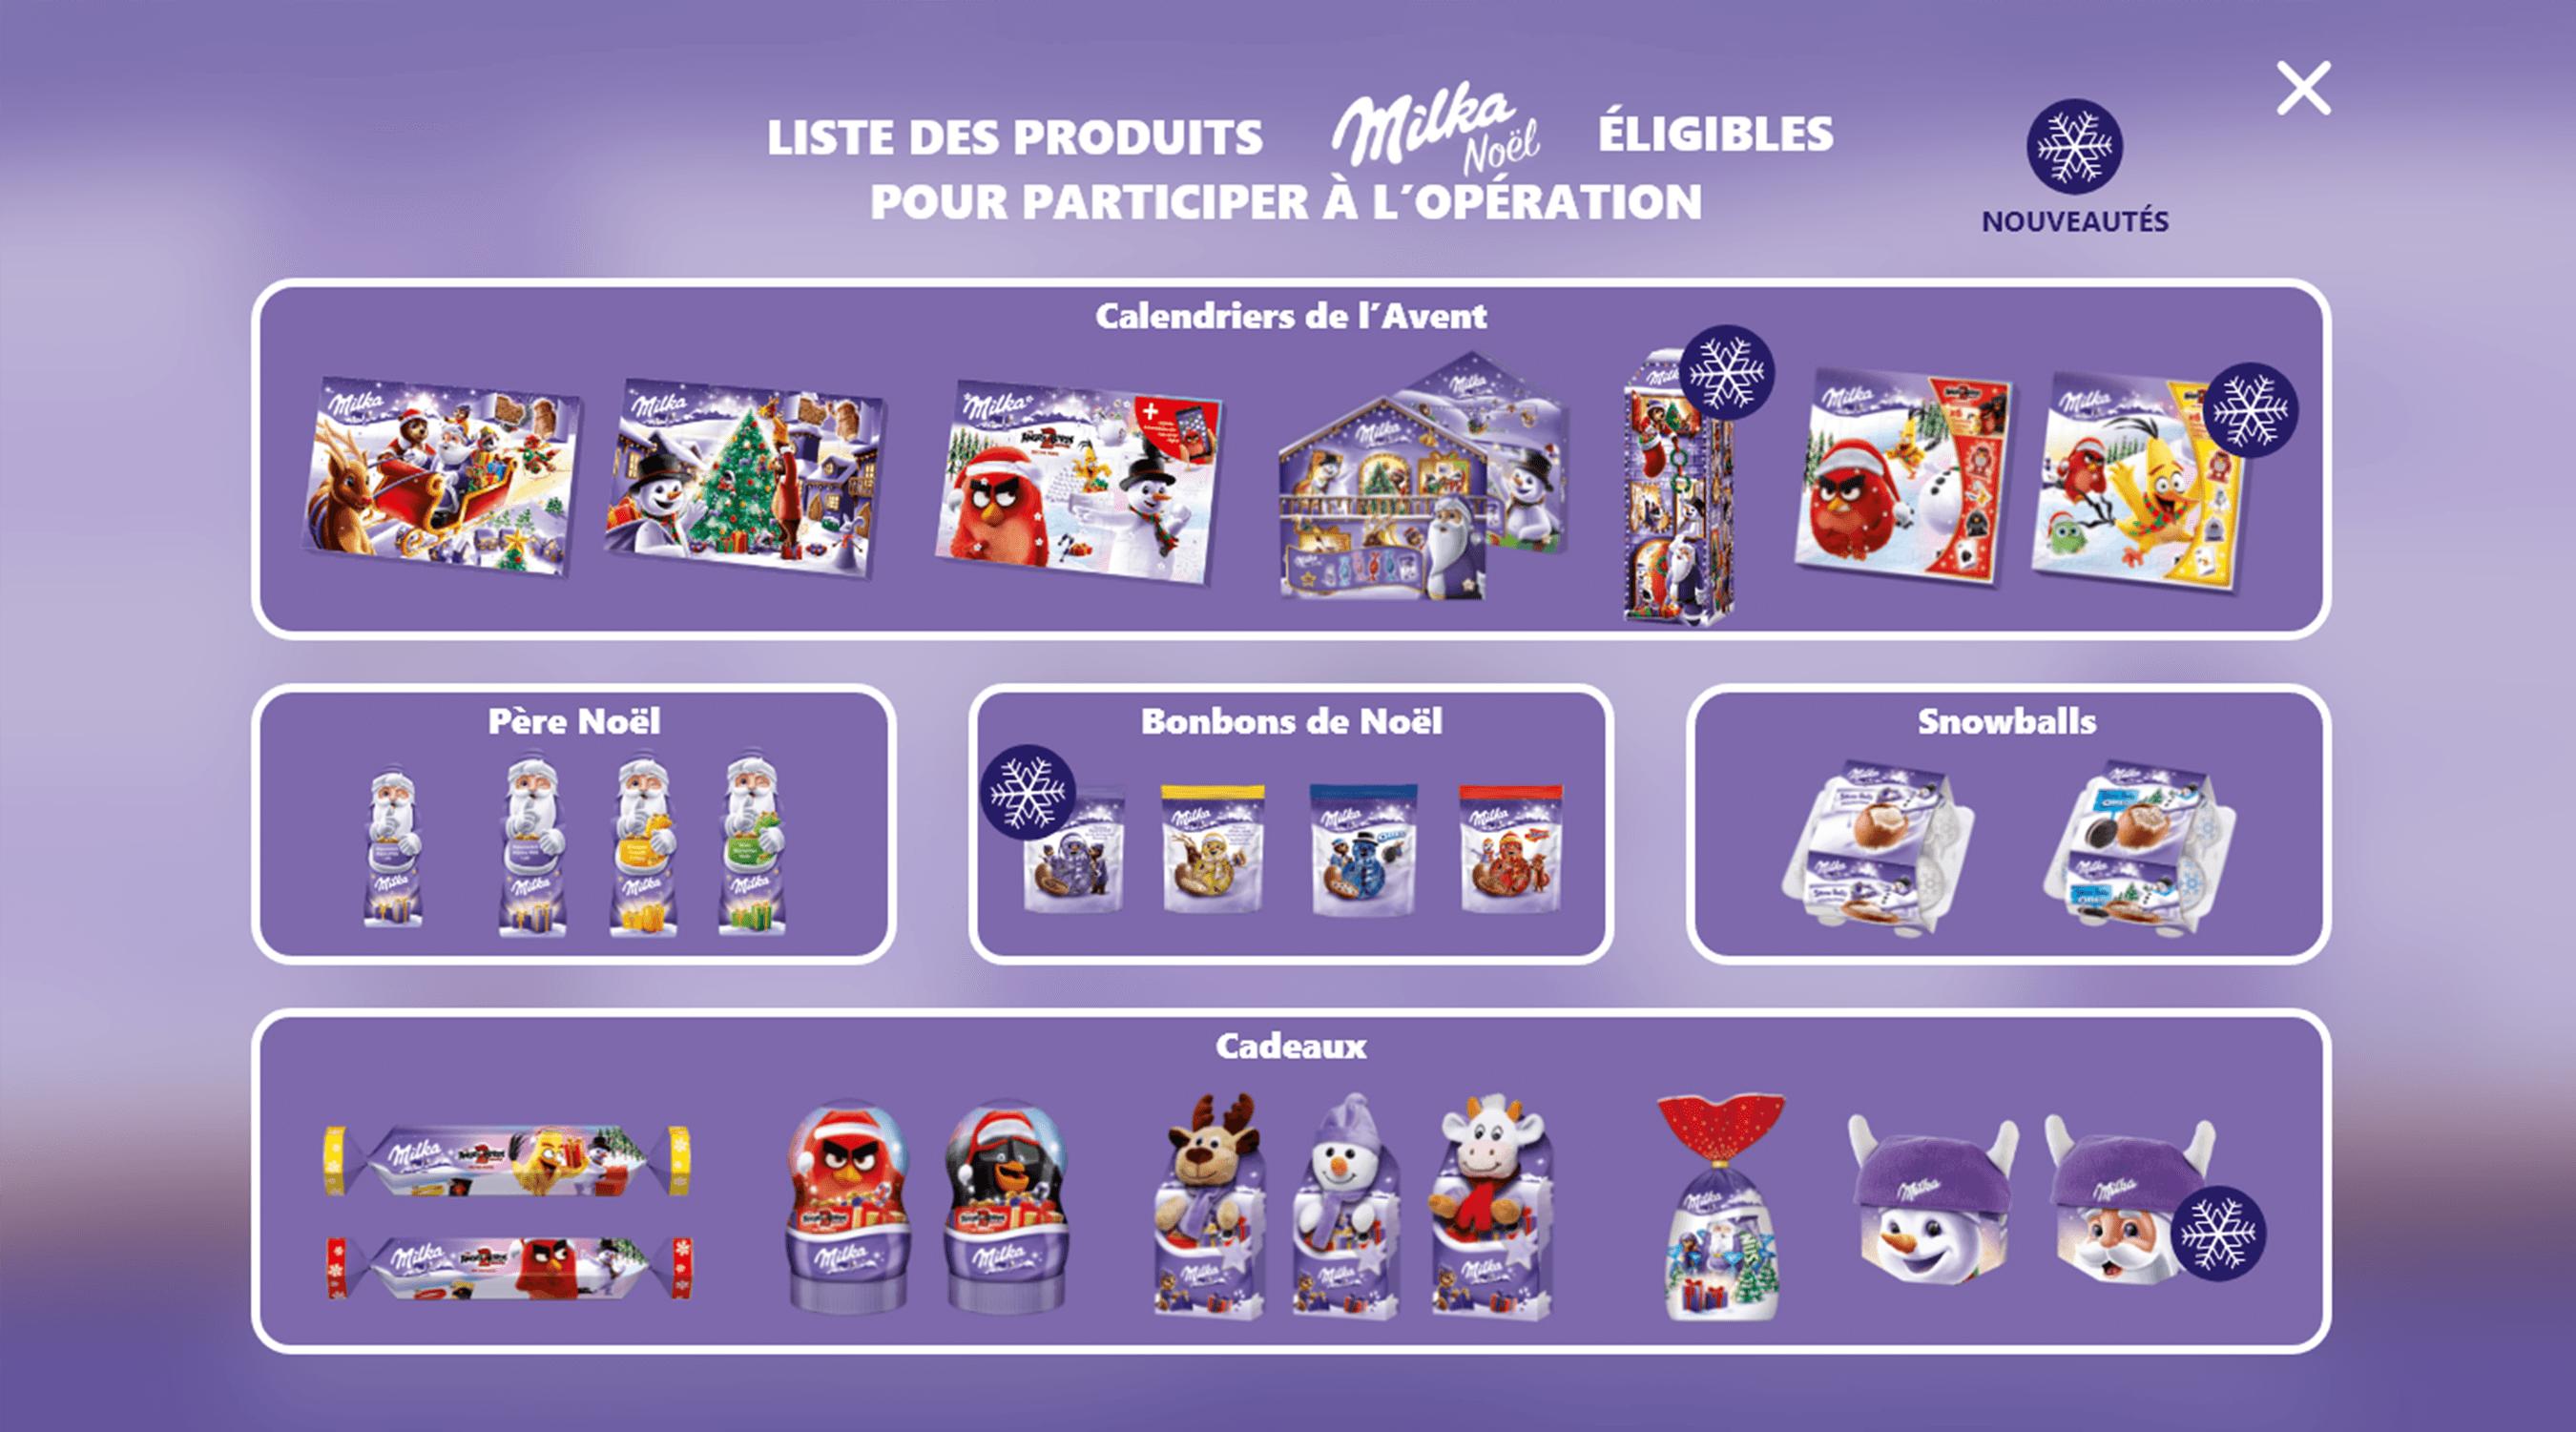 Nestlé Milka noel liste produits éligibles